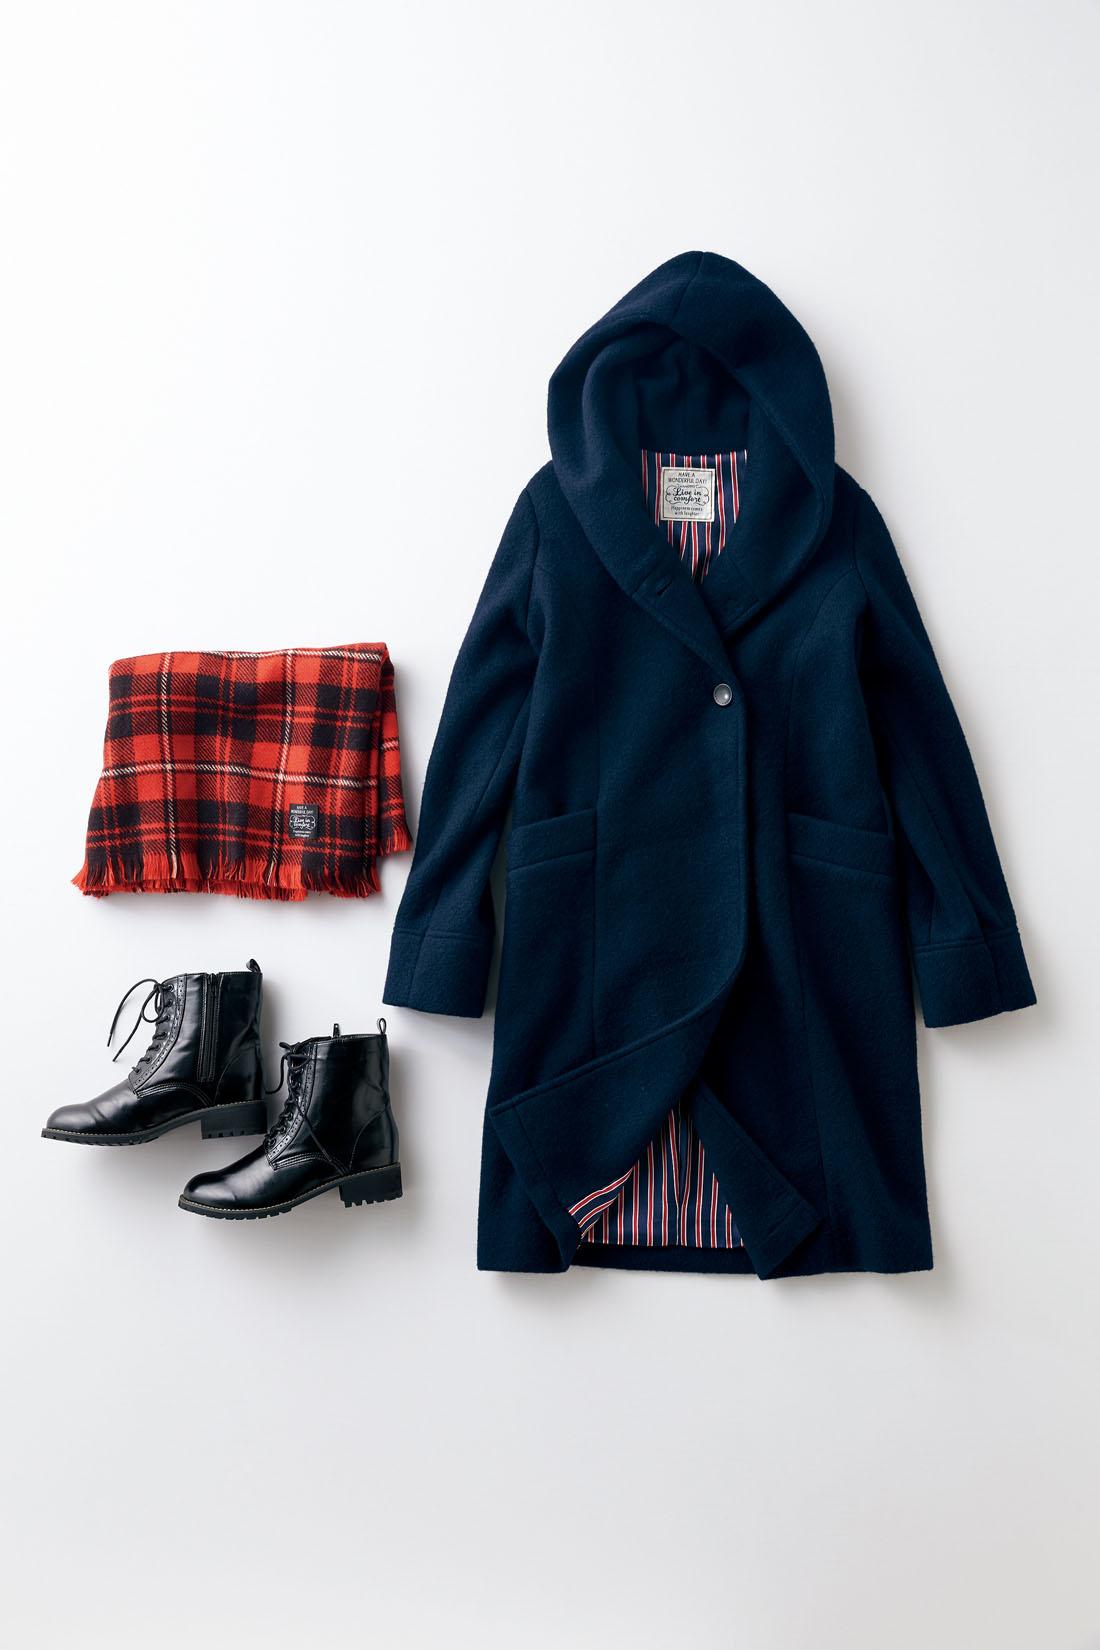 「首元のボリュームが素敵な大人可愛いコートです。」byはまじ はまじが今年イチオシするゆるシルエットと長め丈。バランスが取りやすく、しっかり暖か。